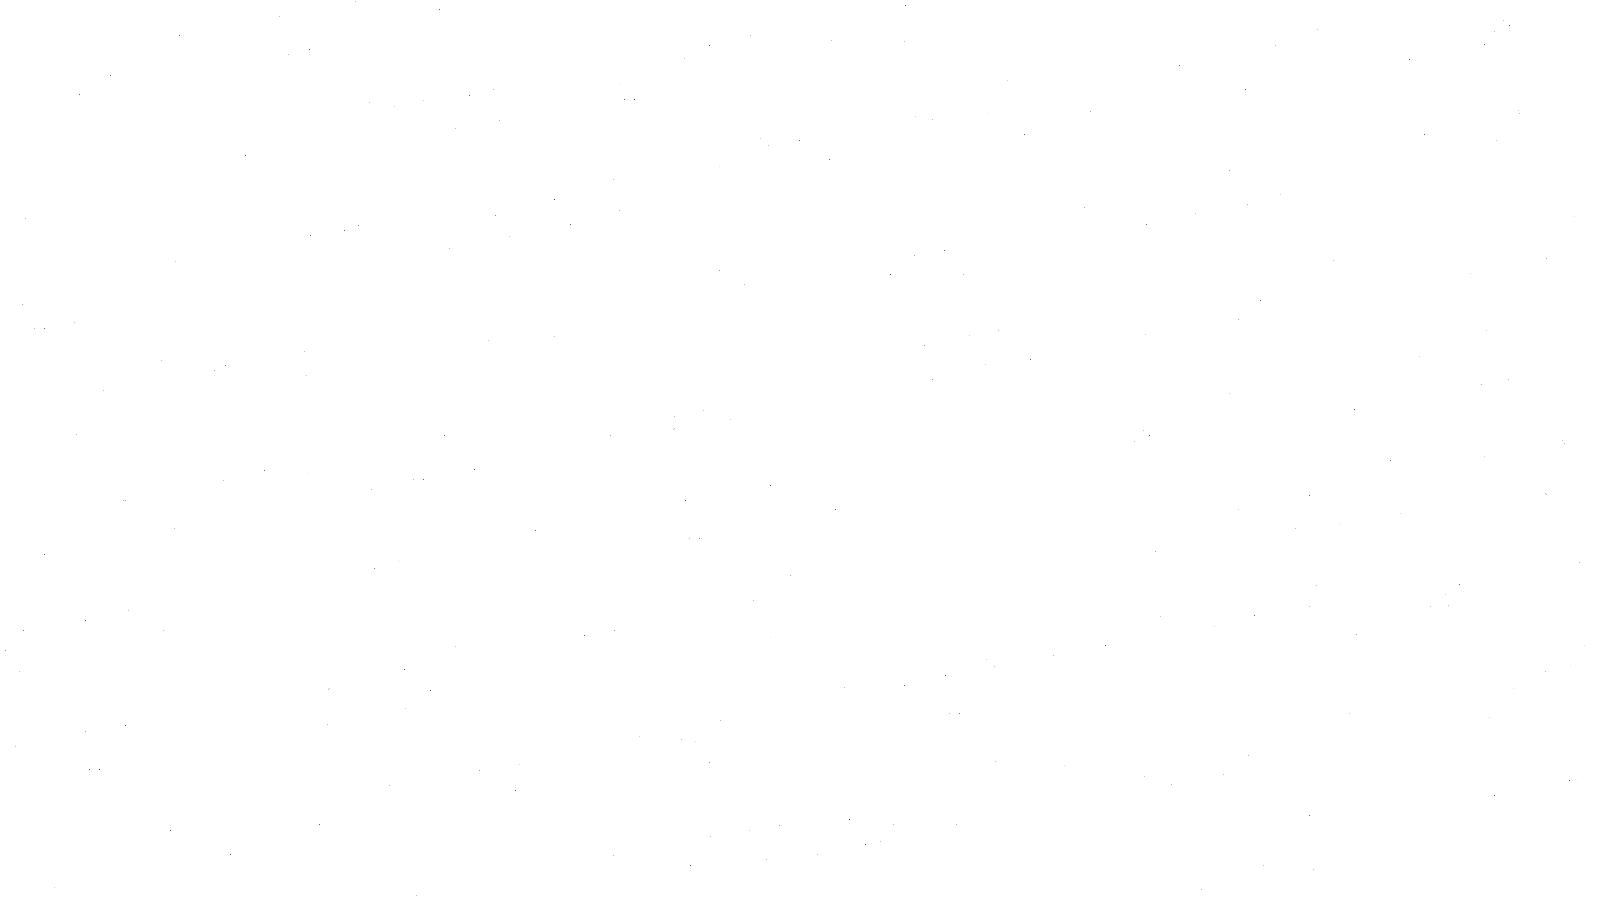 Slide 118